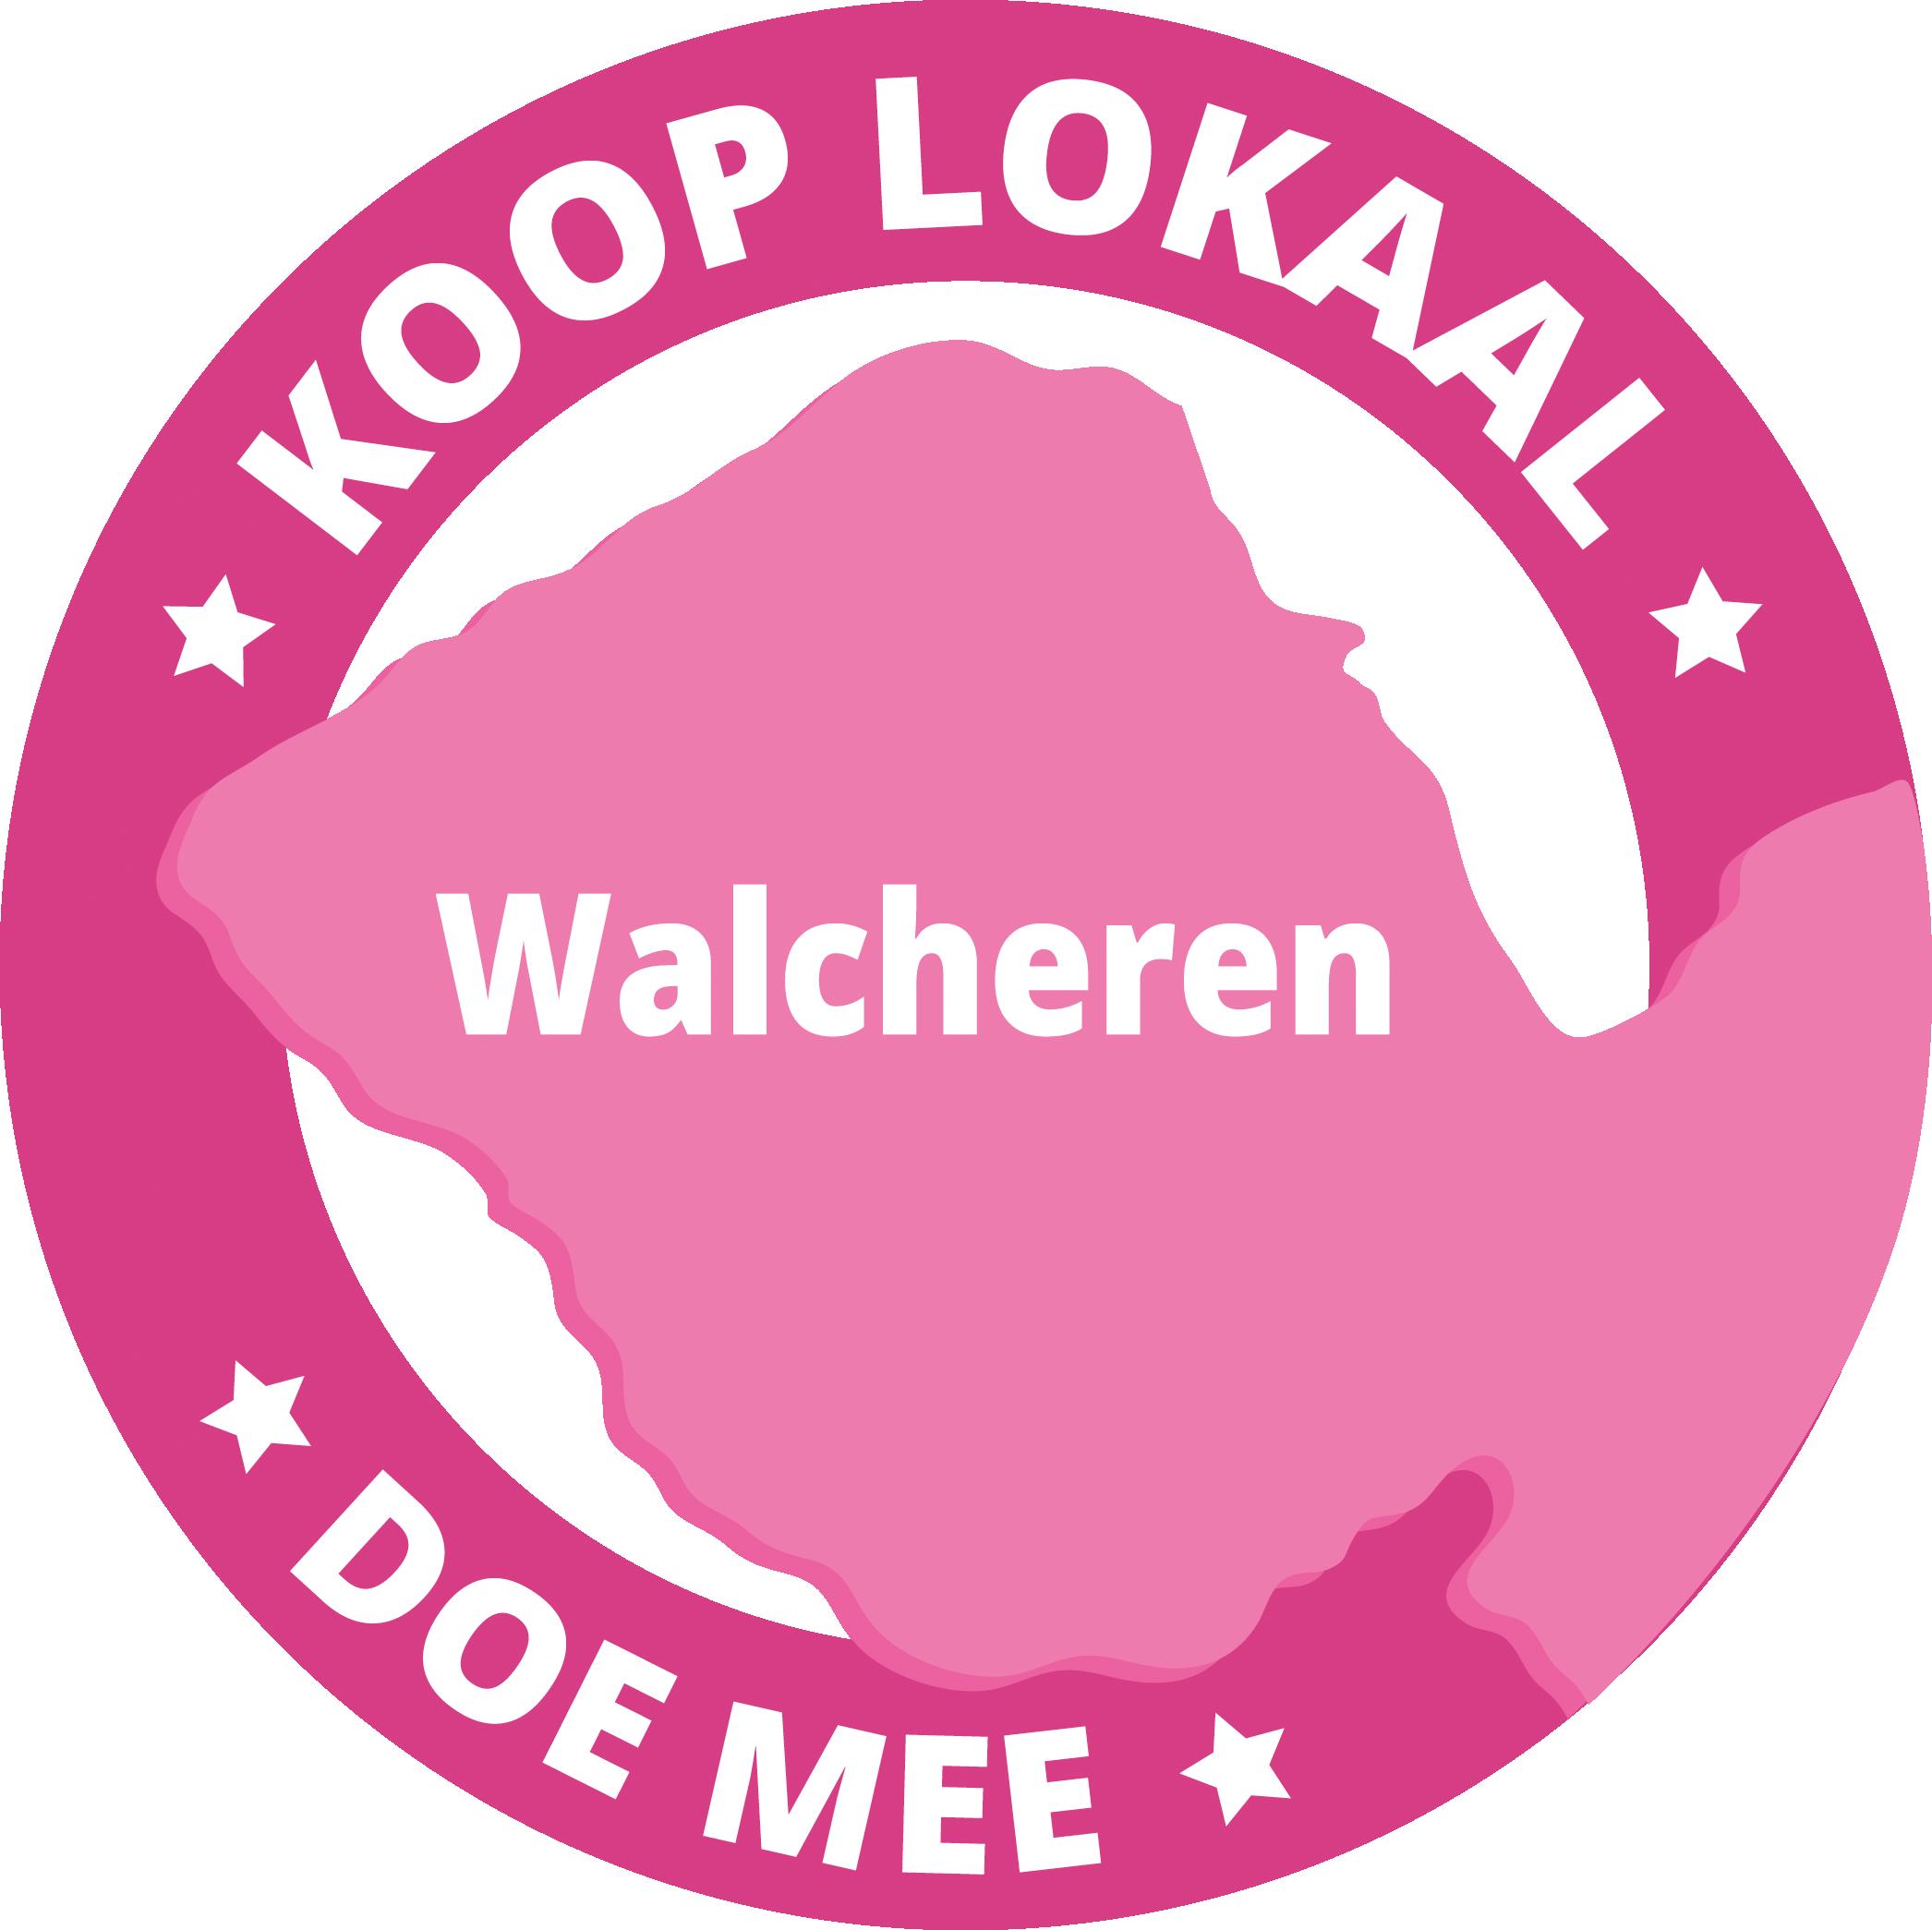 Koop lokaal logo